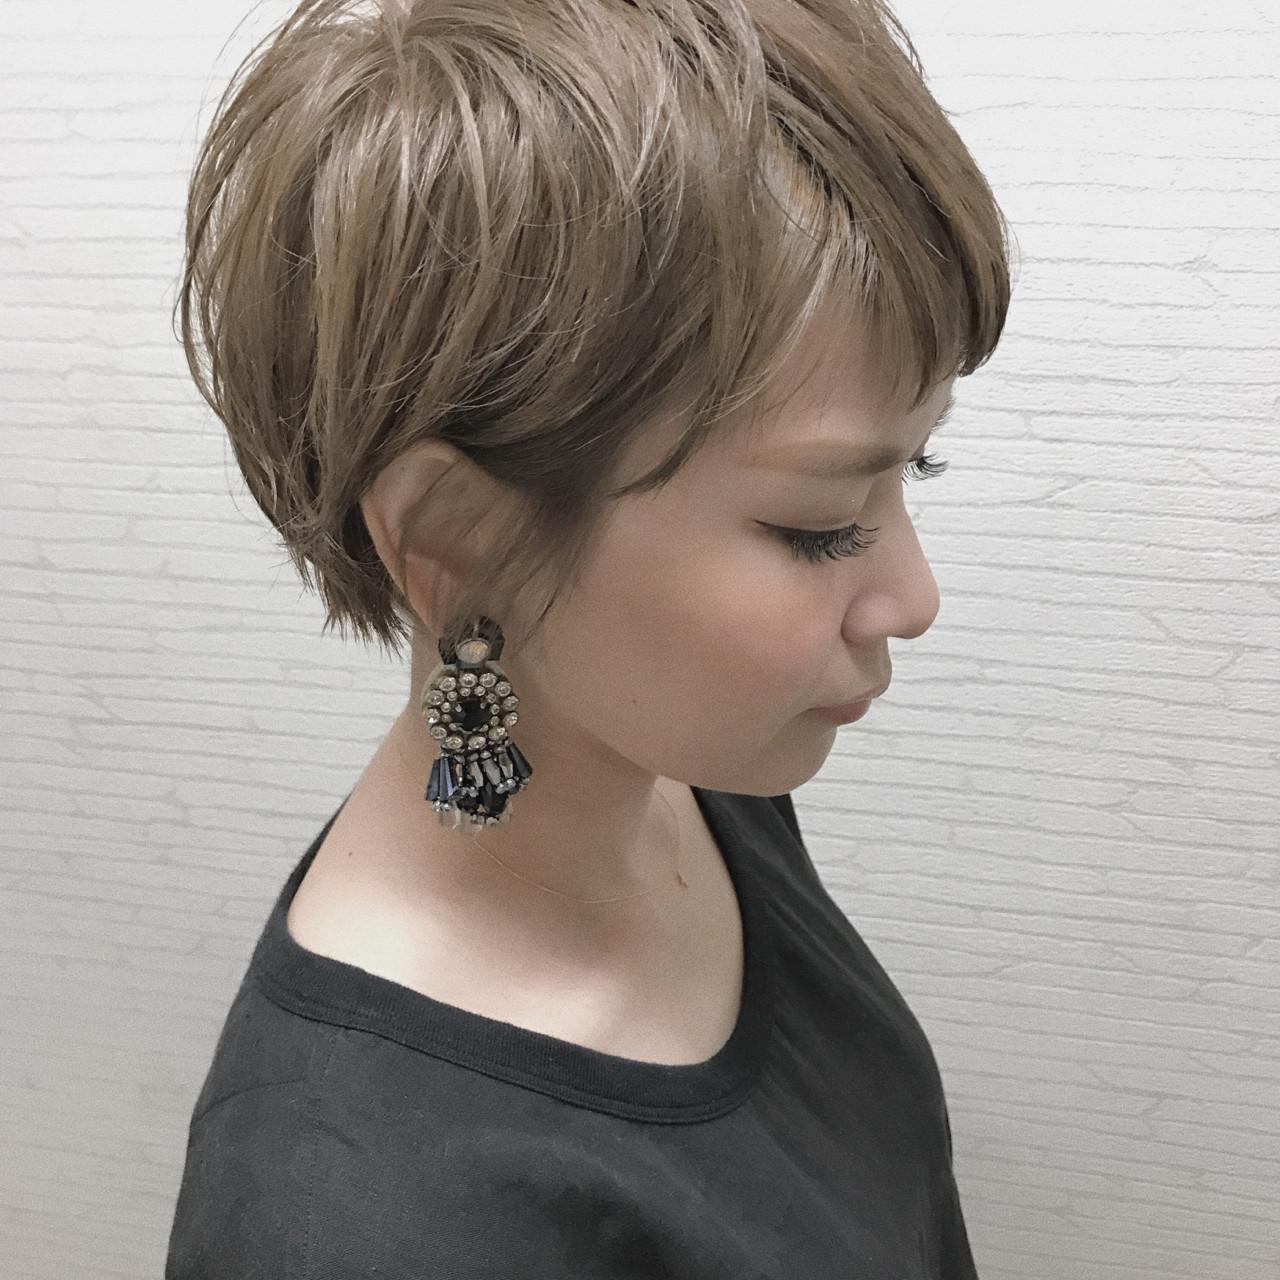 外国人風 インナーカラー ナチュラル 外国人風カラー ヘアスタイルや髪型の写真・画像